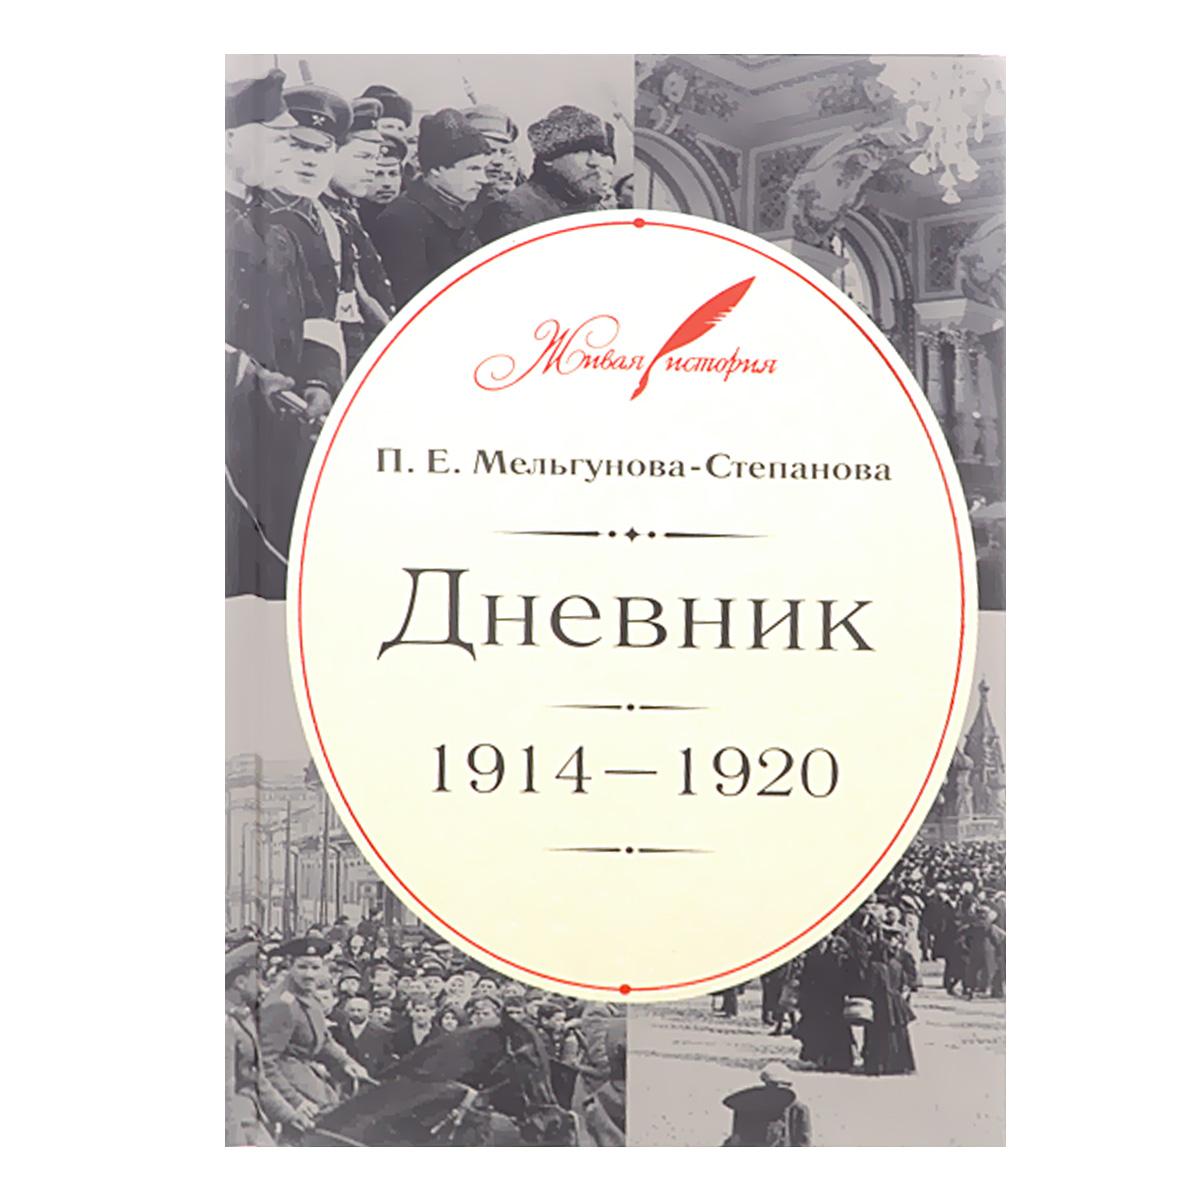 П. Е. Мельгунова-Степанова. Дневник. 1914-1920